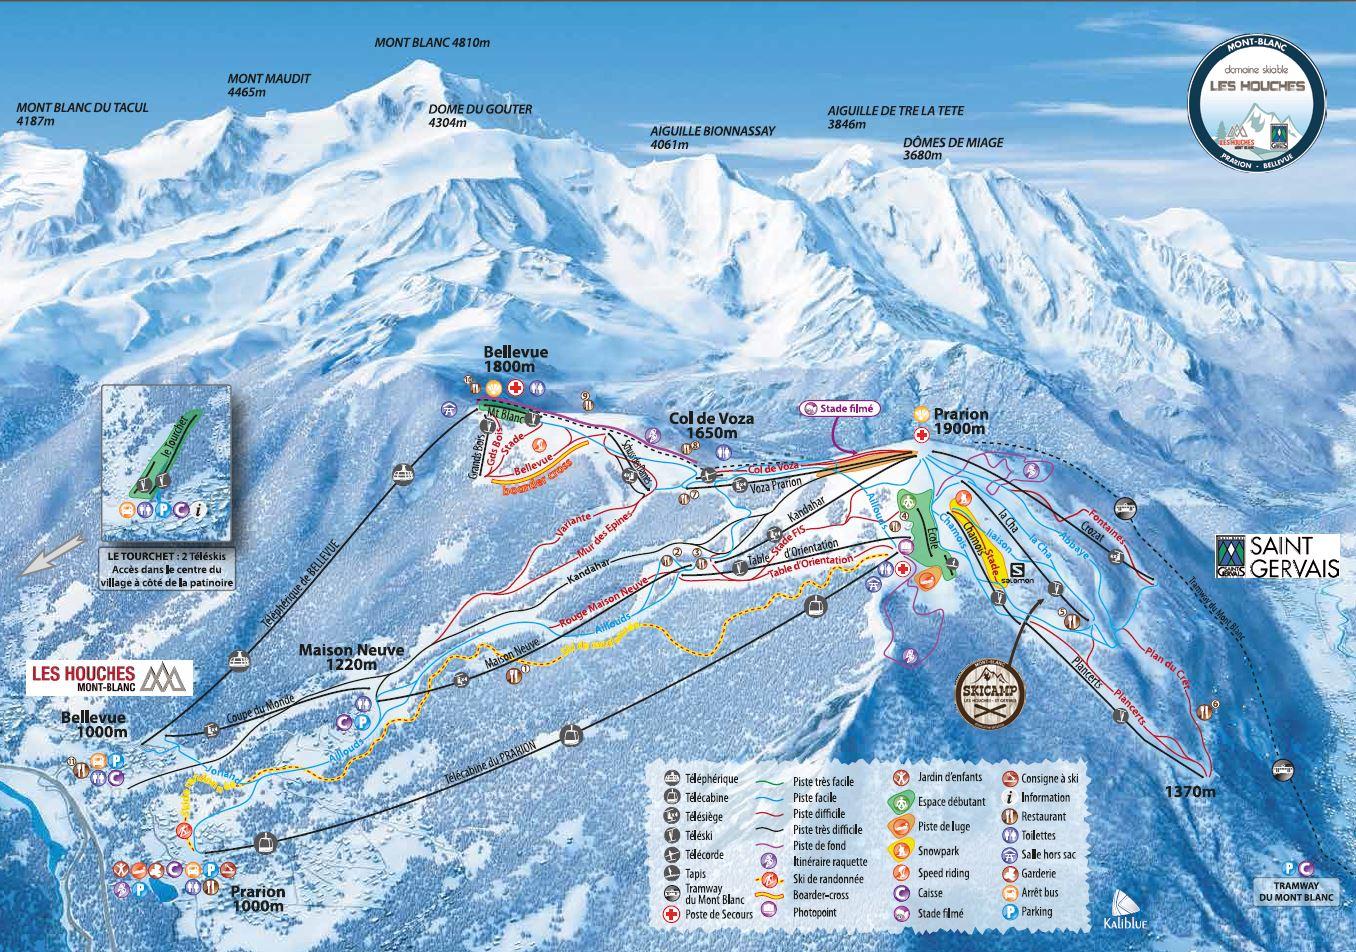 les houches france montagnes site officiel des stations de ski en france. Black Bedroom Furniture Sets. Home Design Ideas